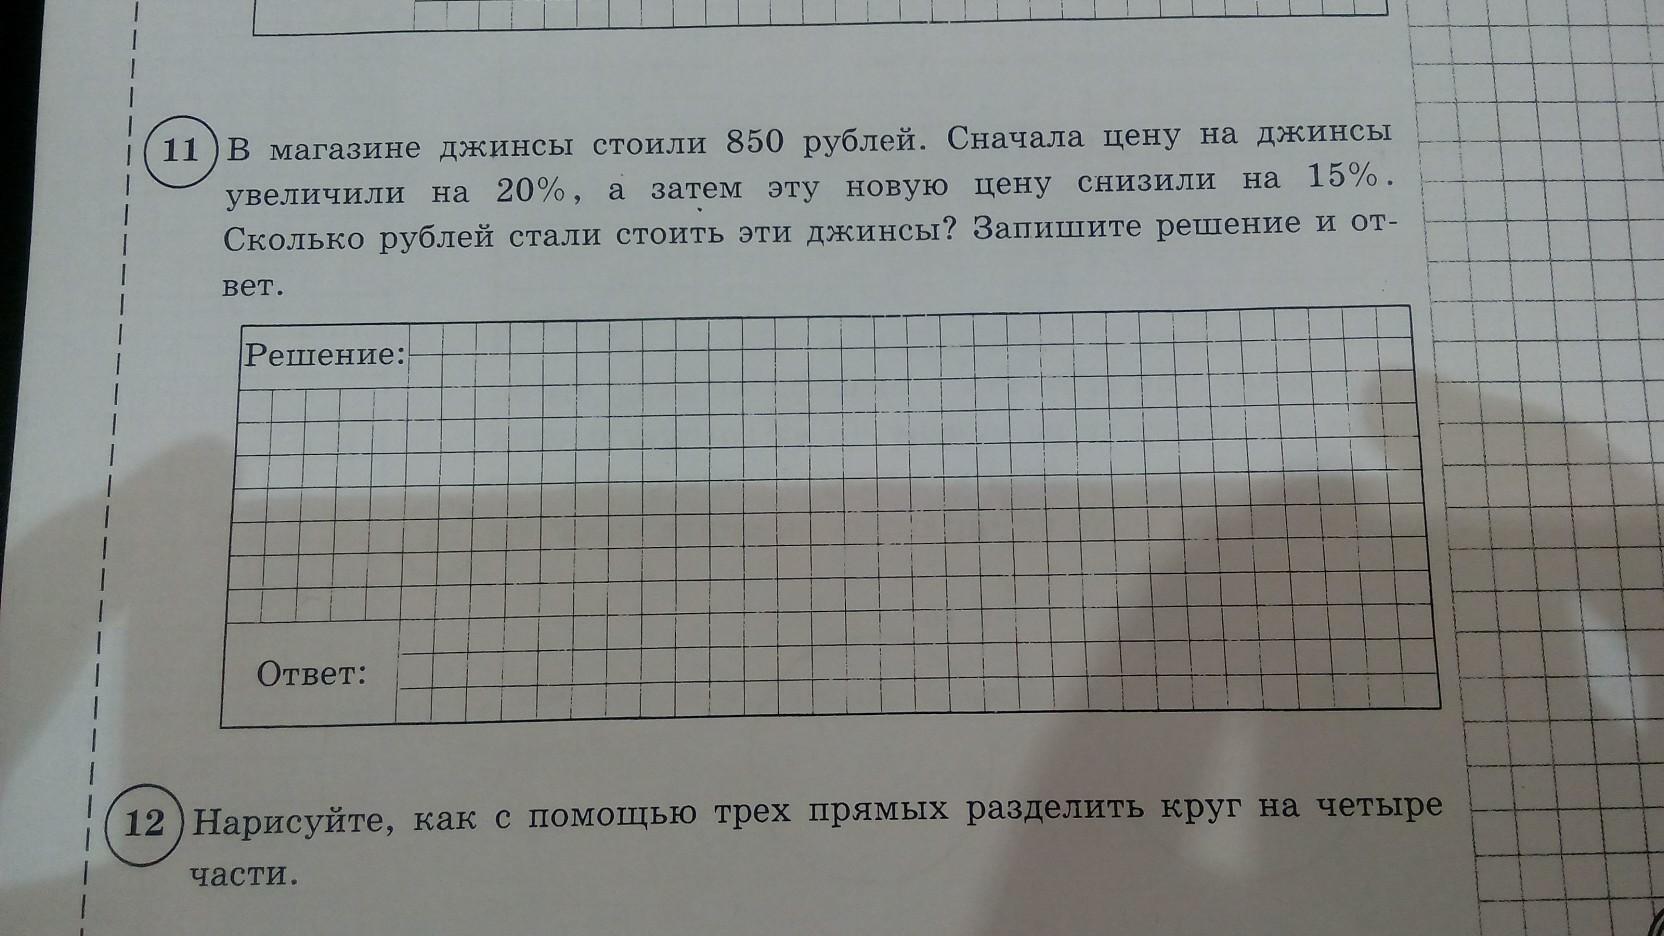 В Магазине Джинсы Стоили 850 Рублей